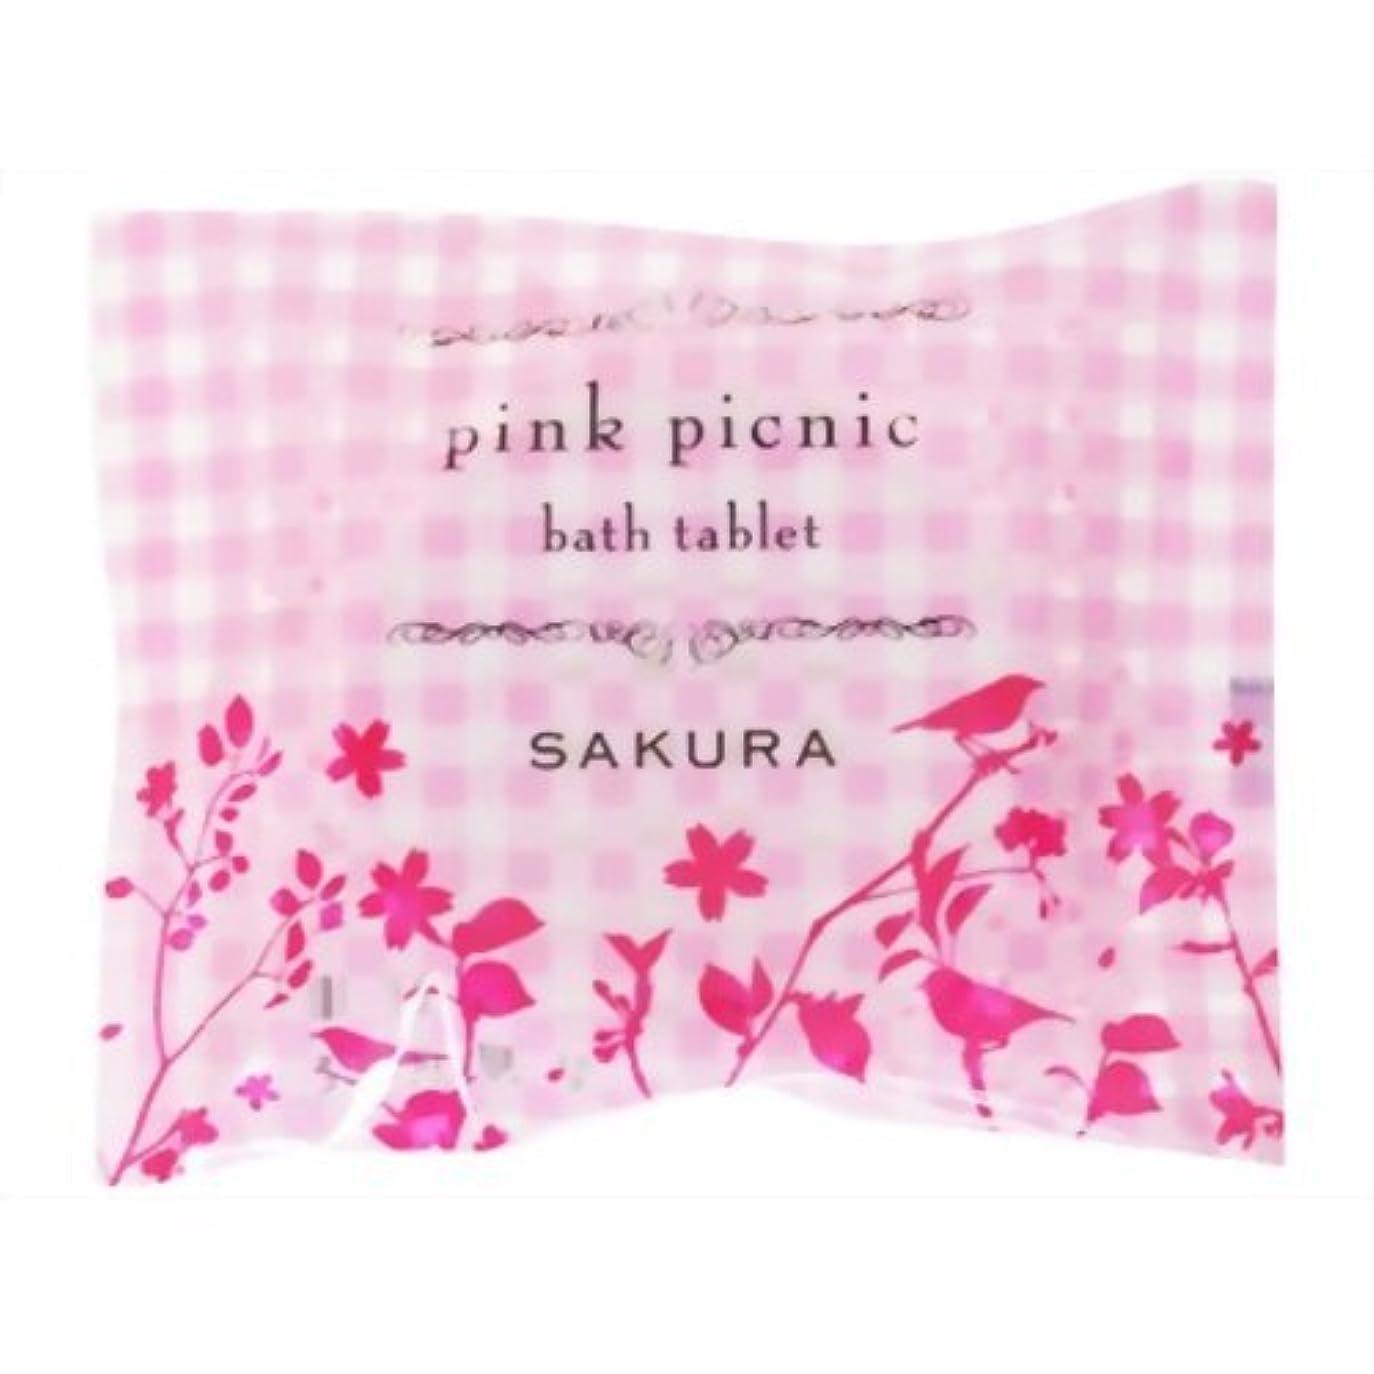 考古学シャベル血色の良いピンクピクニック 発泡入浴剤 山桜の香り